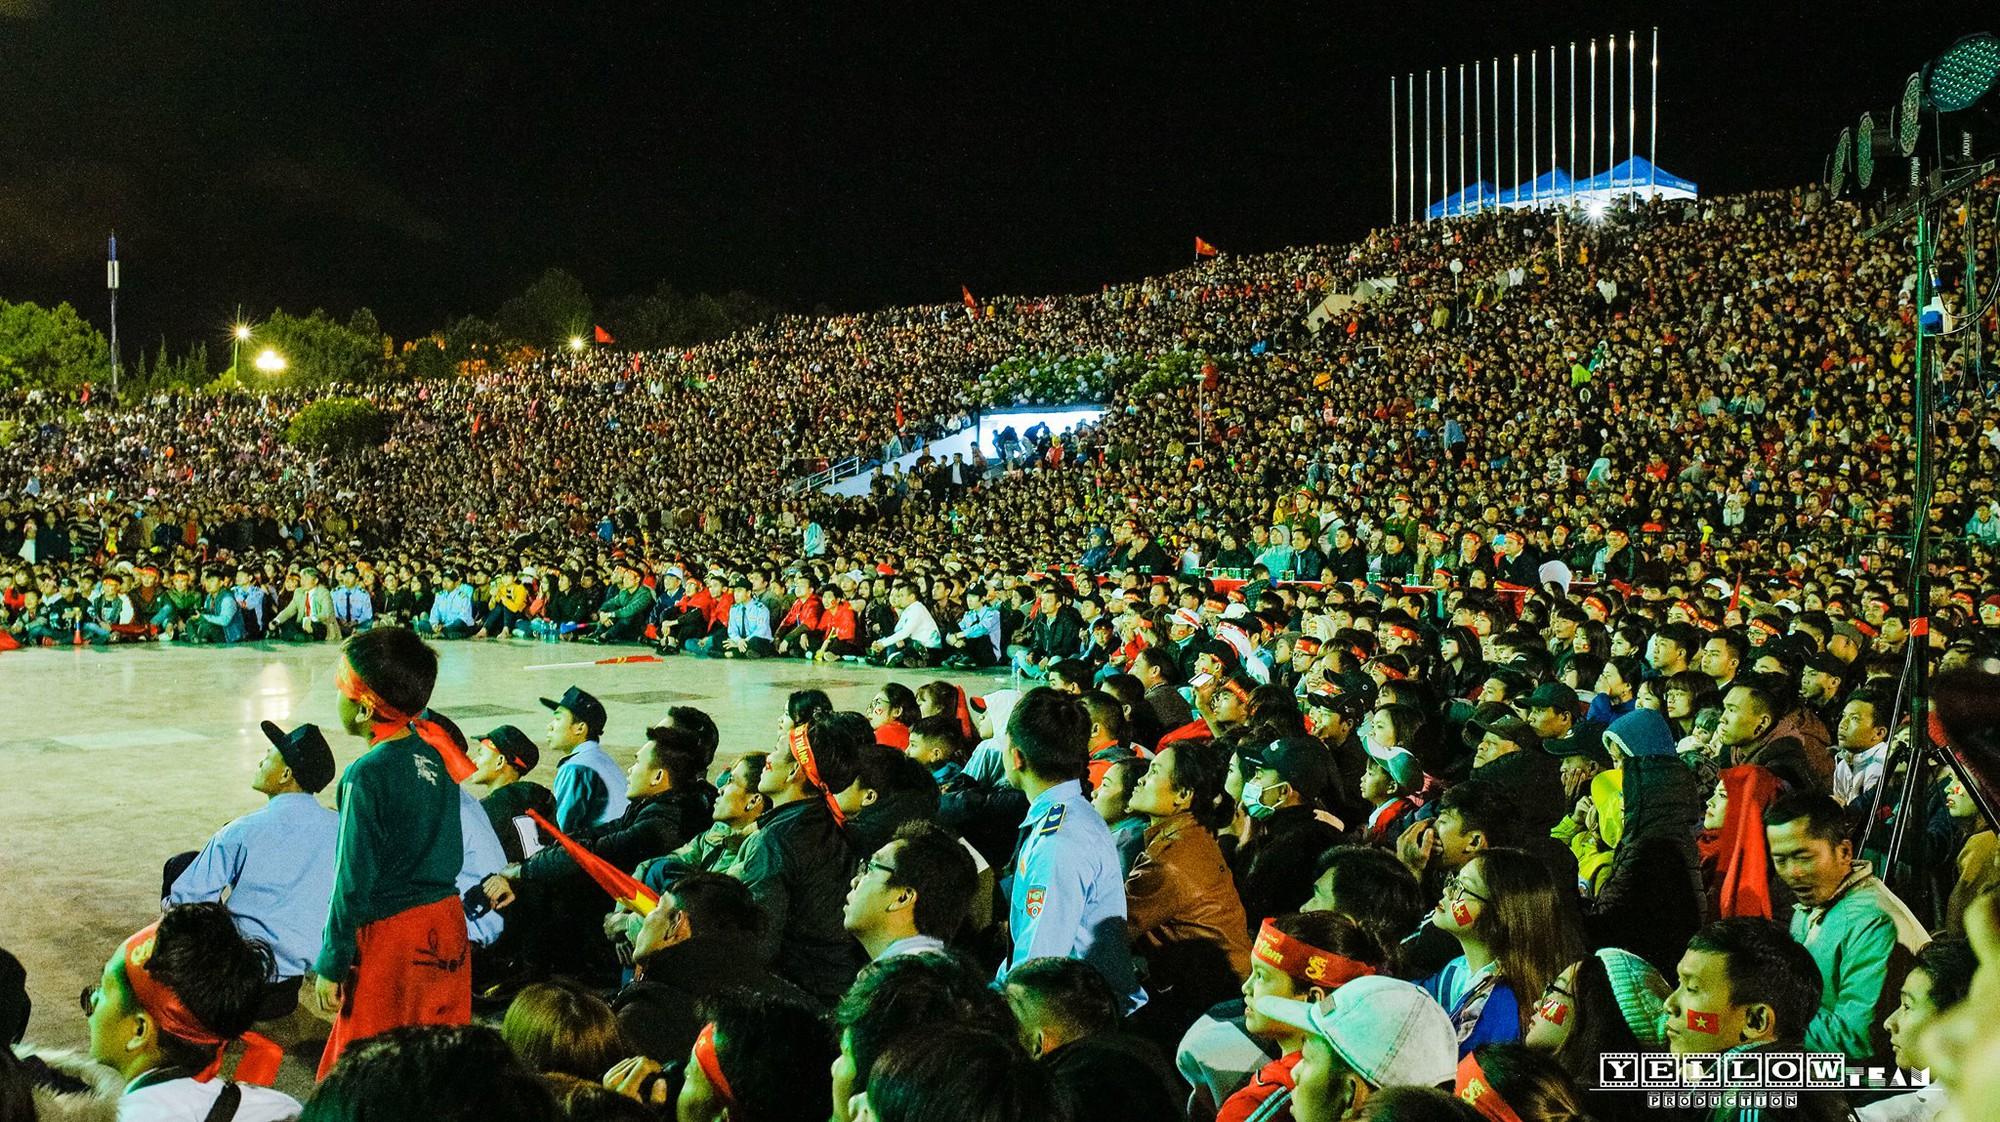 Những khoảnh khắc khó quên của hàng triệu người hâm mộ khi đội tuyển Việt Nam vô địch AFF Cup 2018 - Ảnh 7.